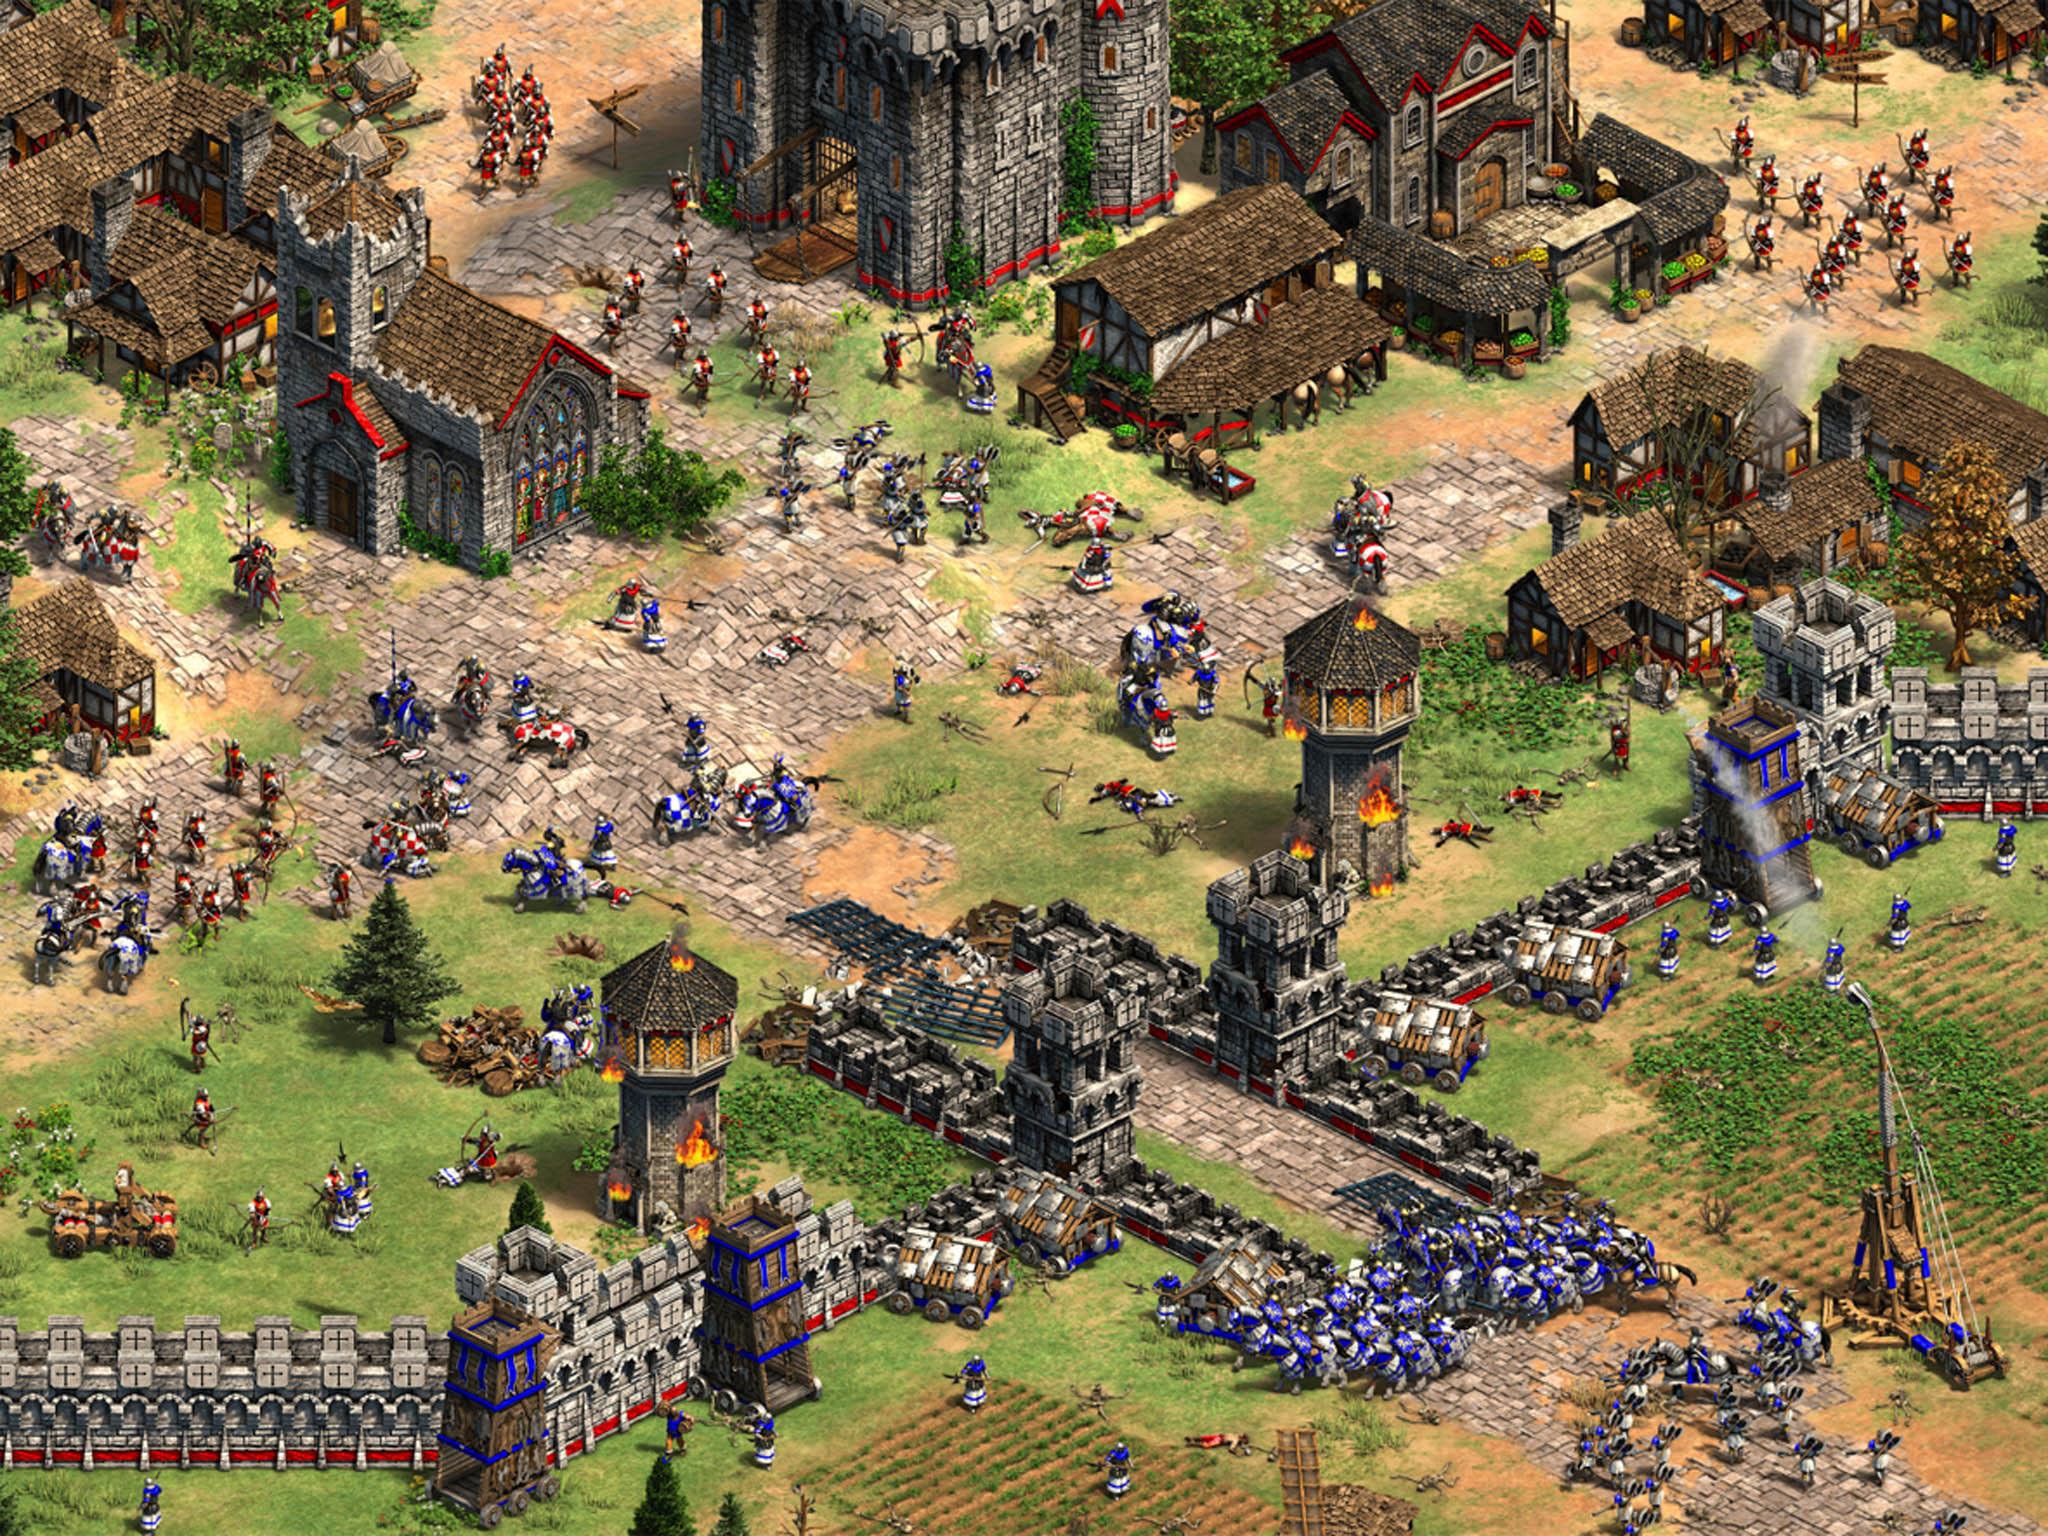 Série Age of Empires oslavila před dvěma lety dvacáté výročí aletos chystá druhý díl se špičkovou grafikou, třemi novými kampaněmi ačtyřmi novými civilizacemi.